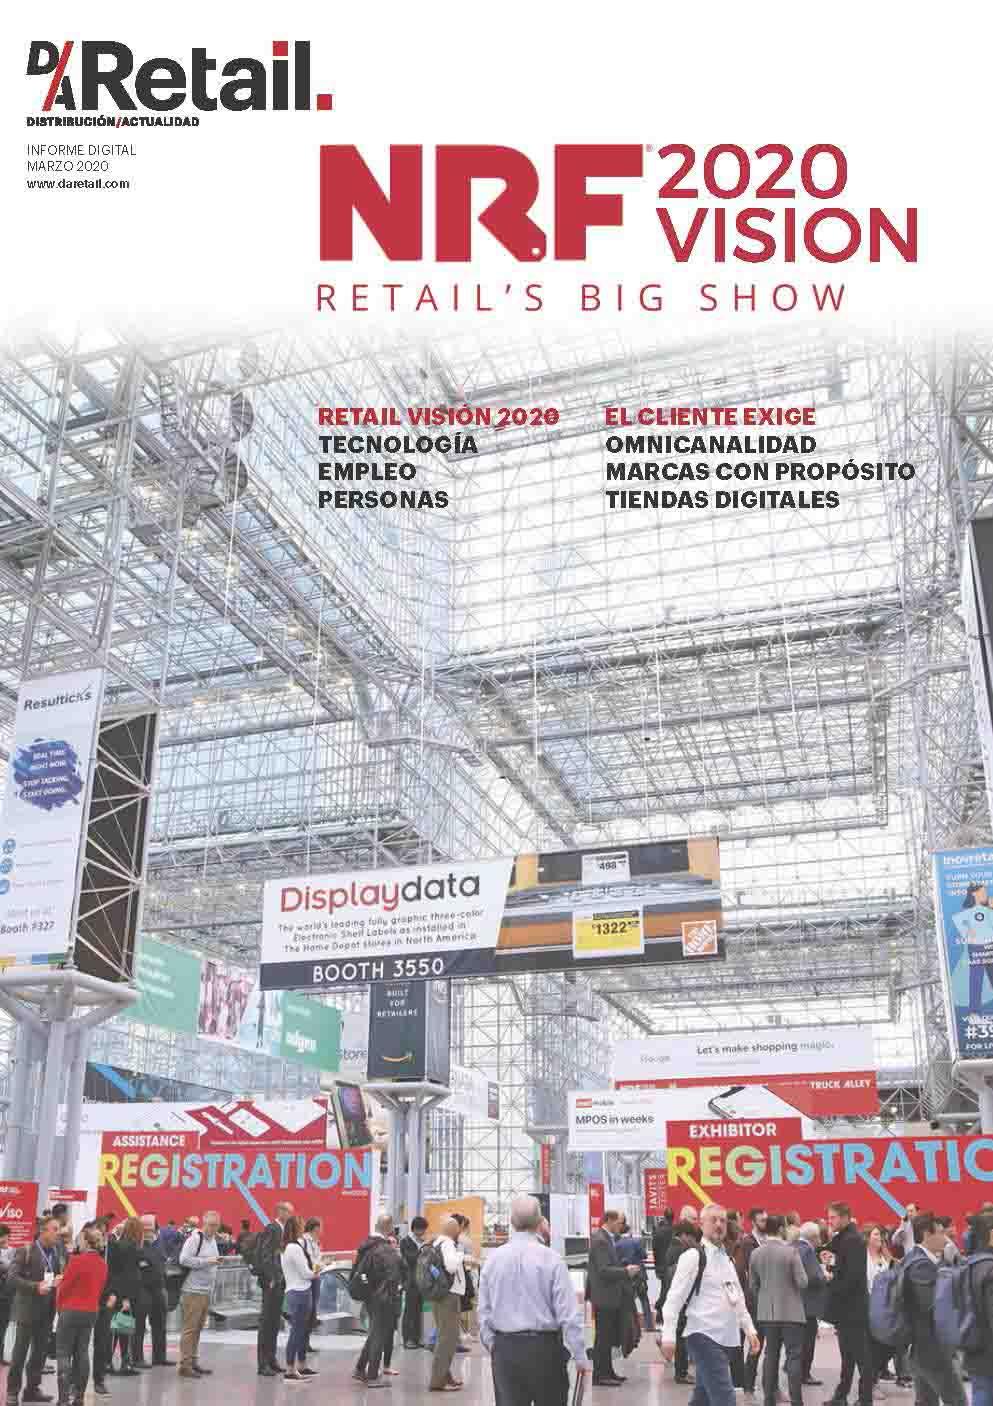 NRF 2020 VISION | RETAIL'S BIG SHOW